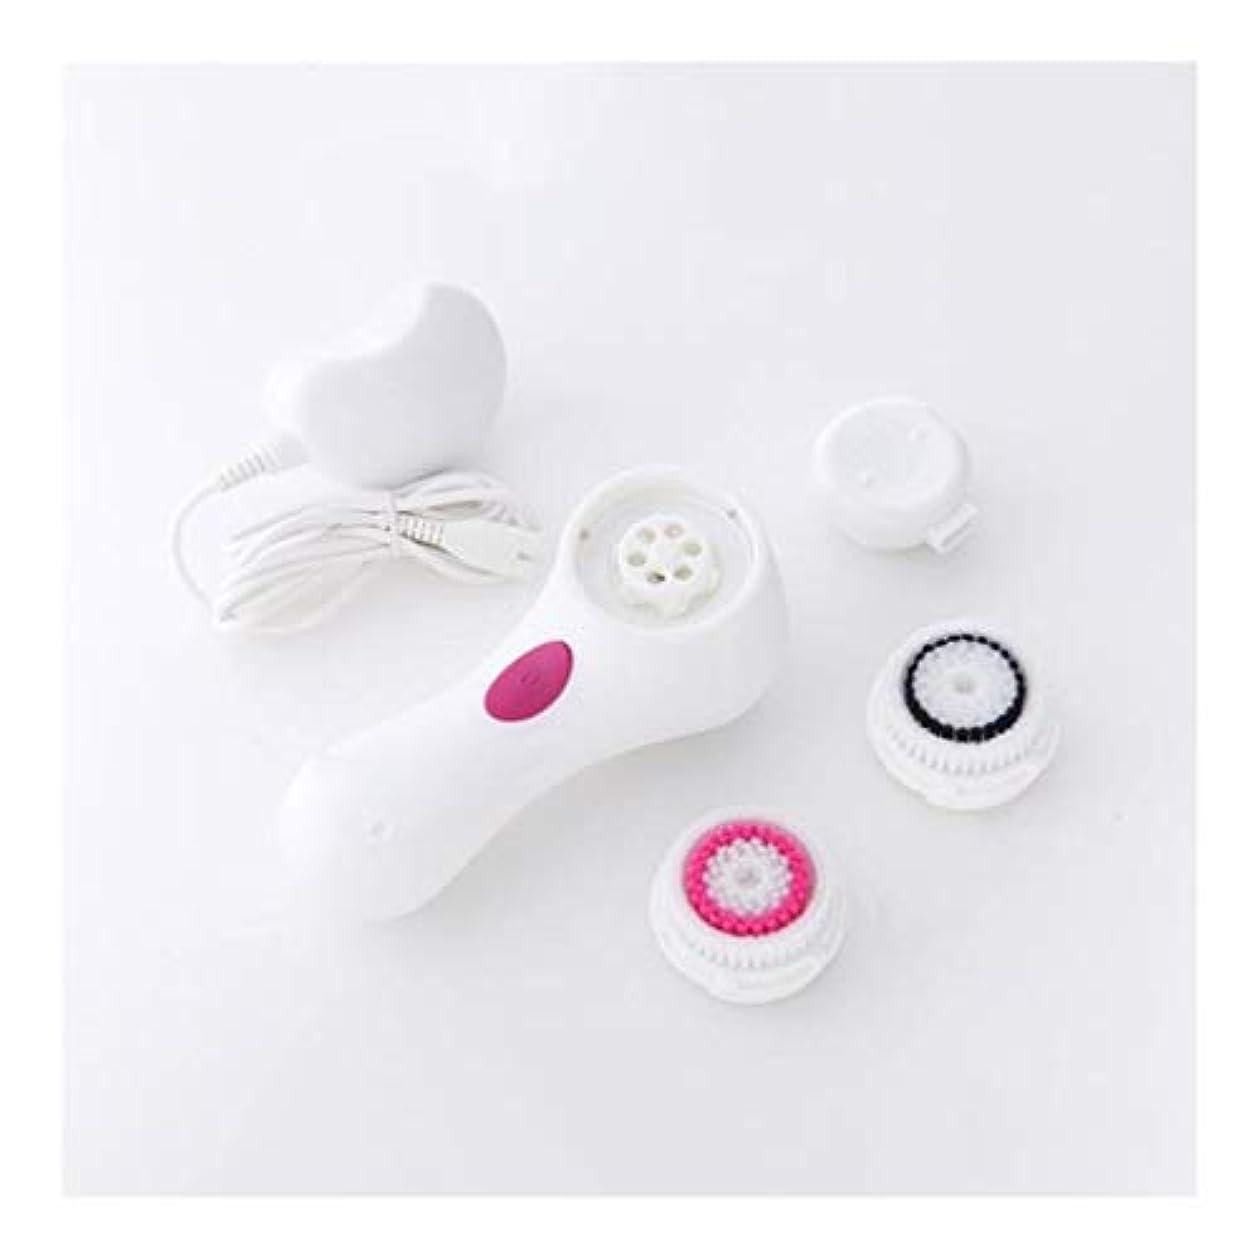 モットー肯定的ネズミディープクレンジングブラシ、高度な振動テクノロジーを備えた電動フェイシャルマッサージクリア化粧品の残留物が肌を若返らせますアンチエイジングポアケア (Color : White)